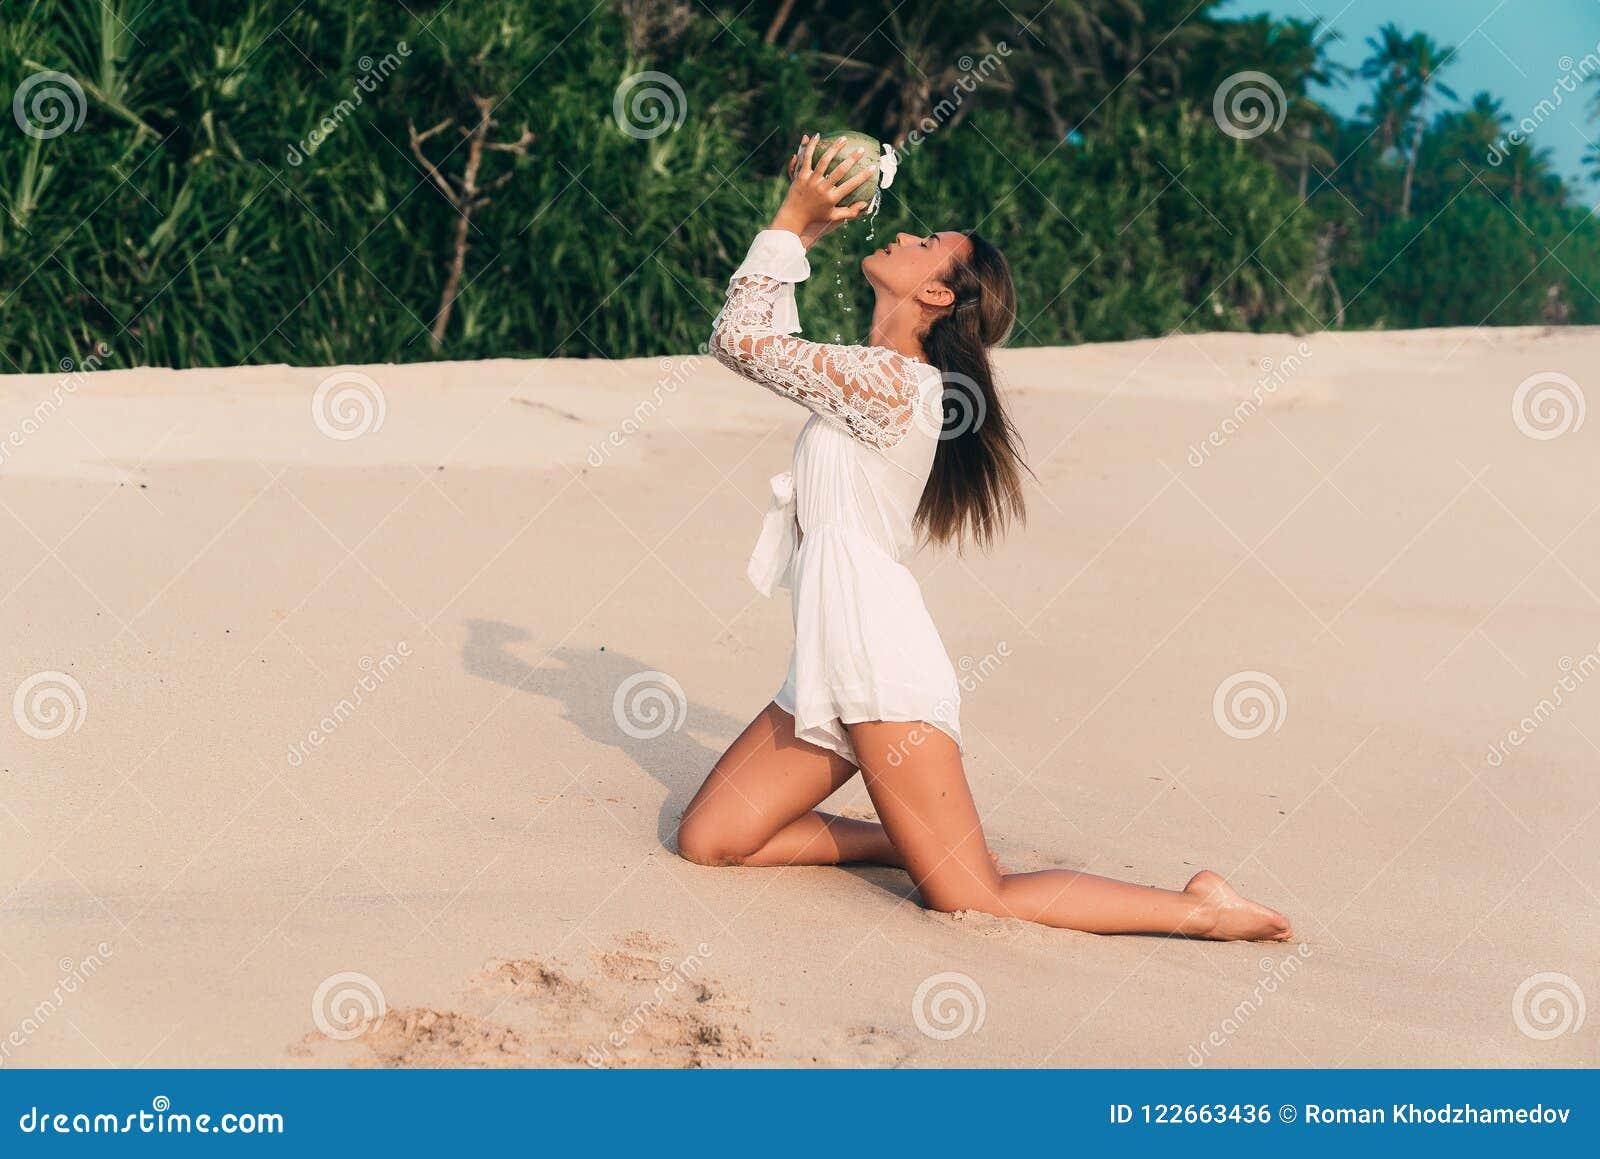 Uma menina  sexy  ajoelha-se em um Sandy Beach branco na perspectiva da selva, vestida em um fato-macaco à moda, aumentou a